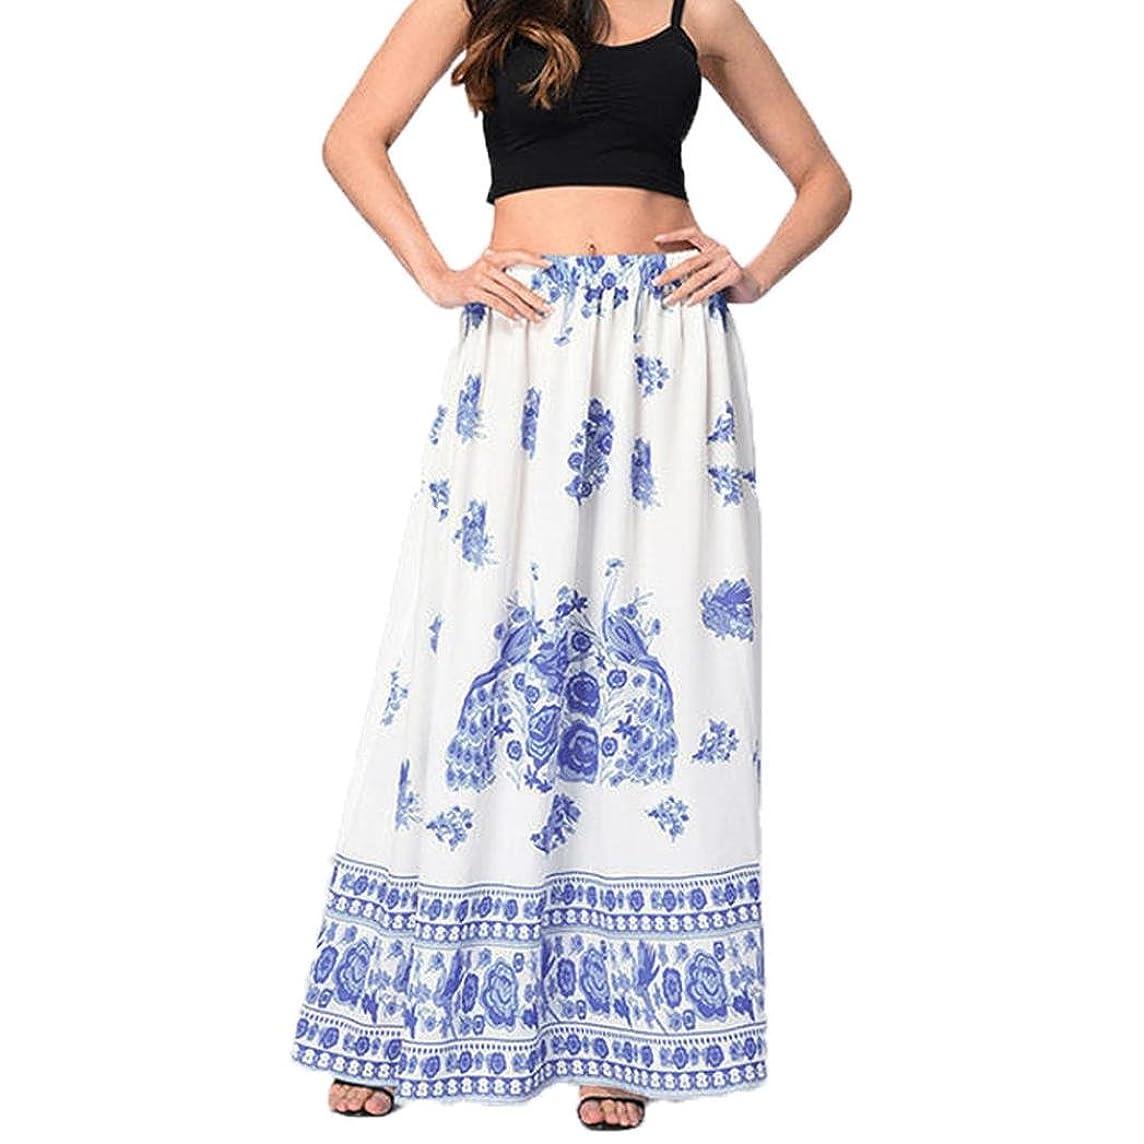 TOPUNDER Maxi Skirts for Women Boho Beach Floral Summer High Waist Long Skirt